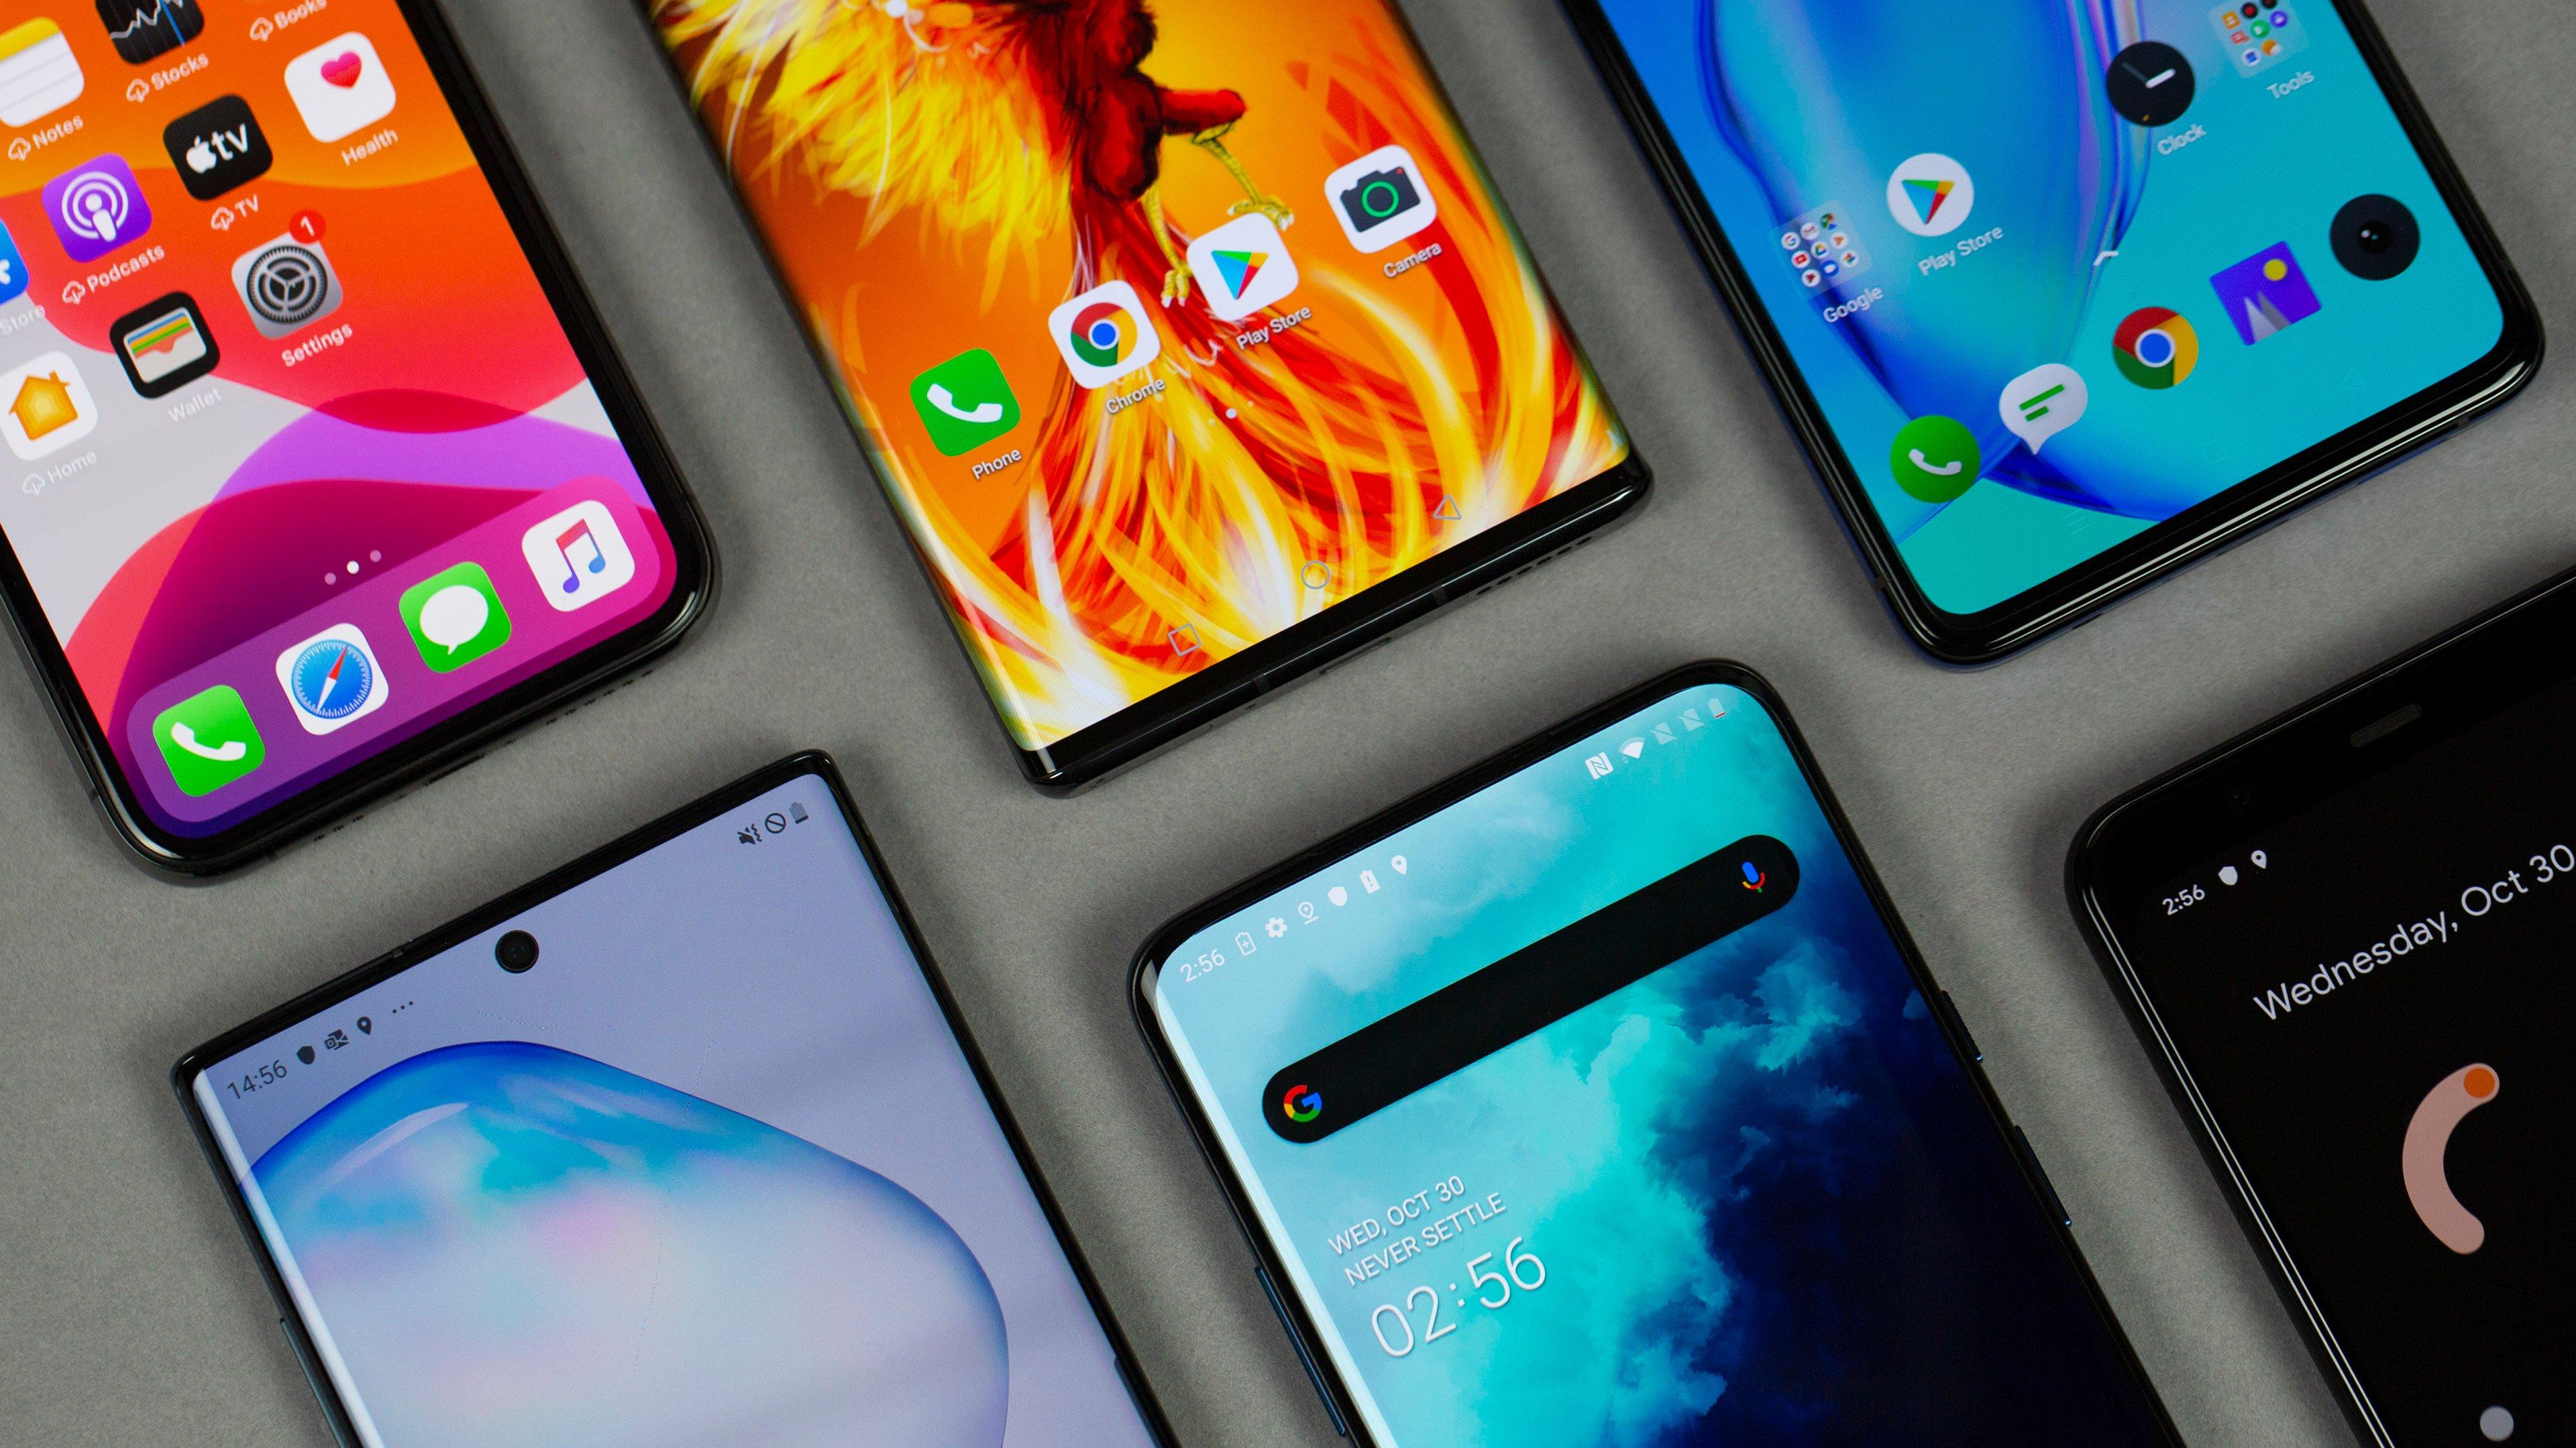 androidpit-best-high-end-smartphones-hero-2.jpg